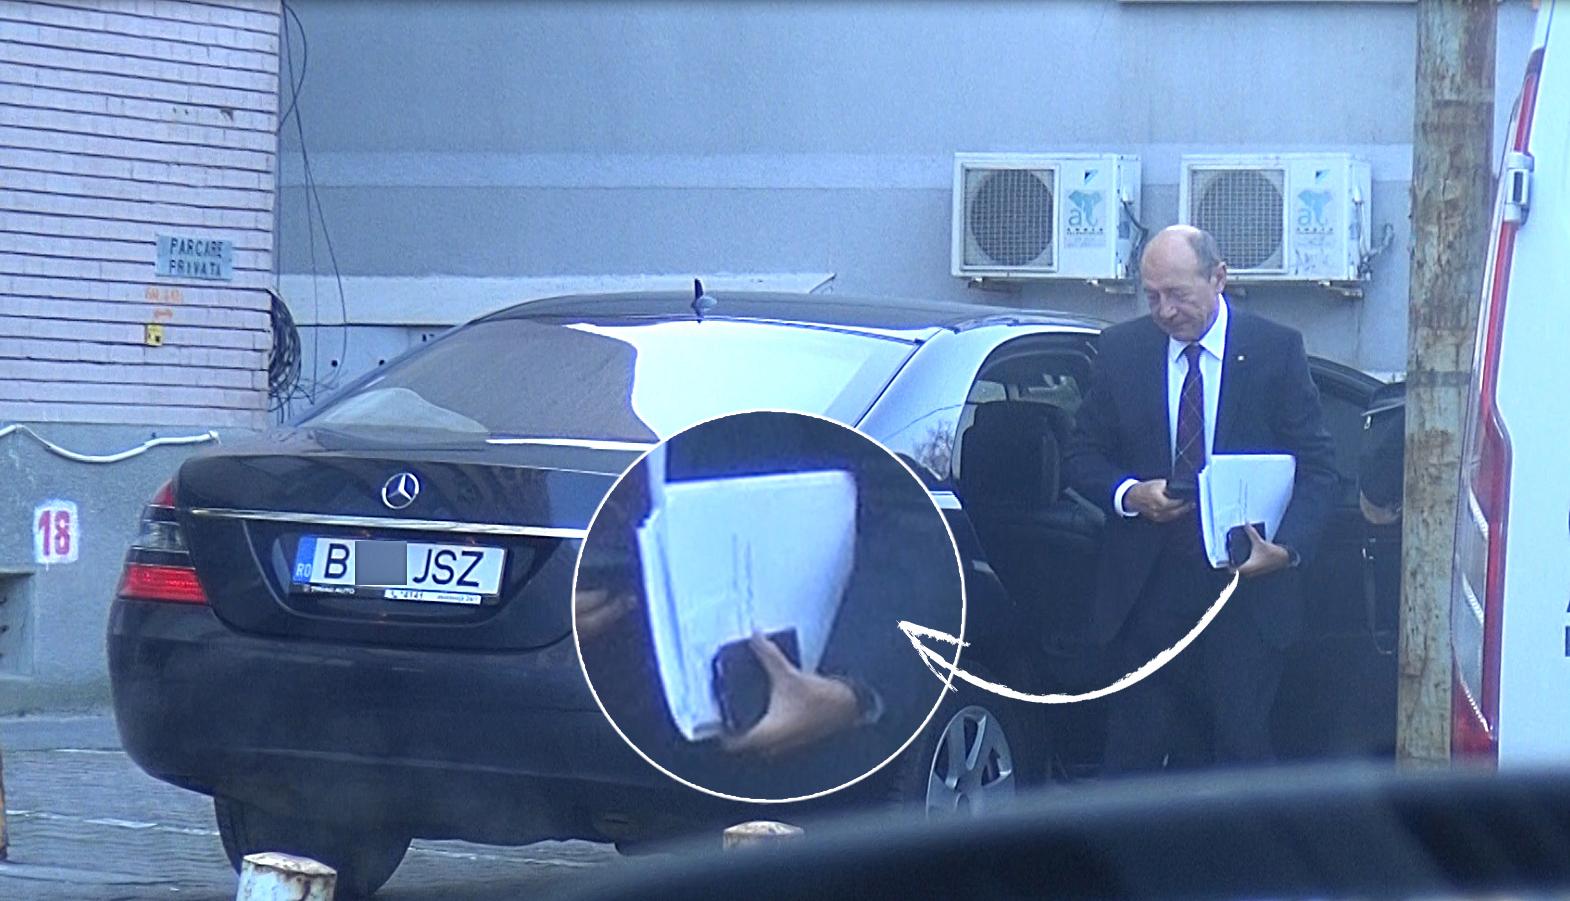 Traian Băsescu coboară din maşină cu un plic şi mai multe hârtii în mână